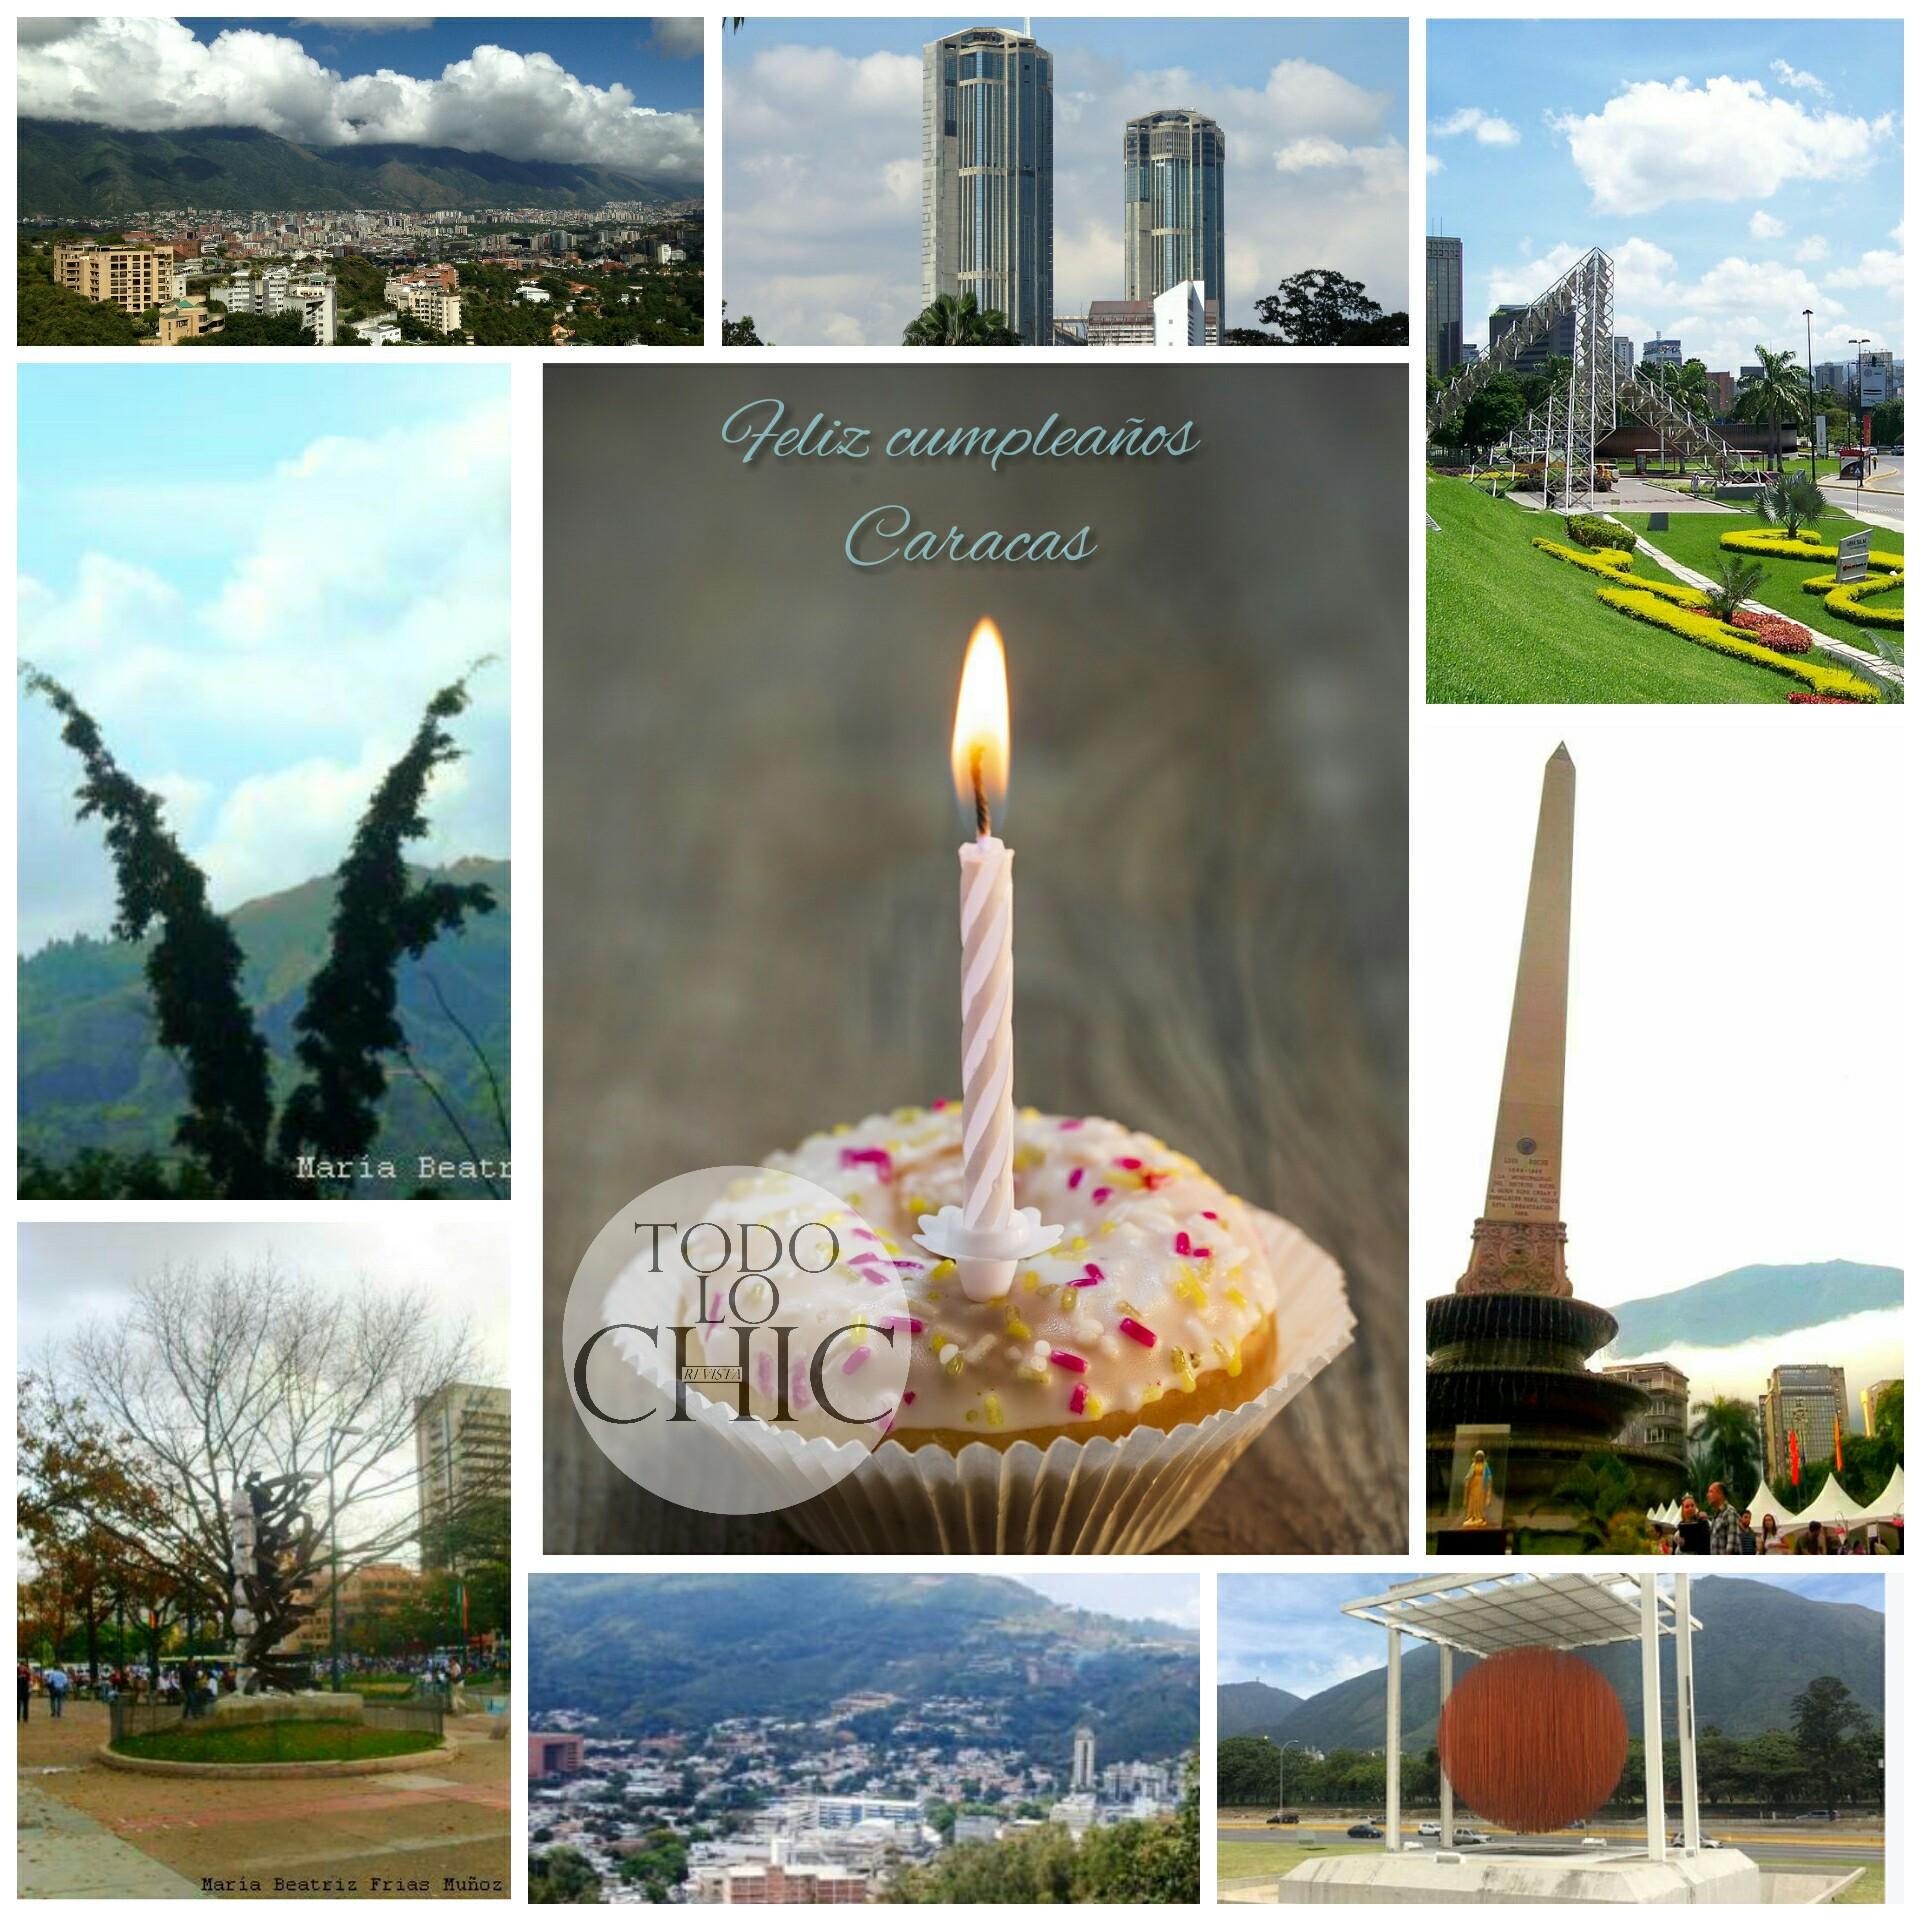 ¡Caracas de cumpleaños! ¡Felices 452! La Sucursal del cielo